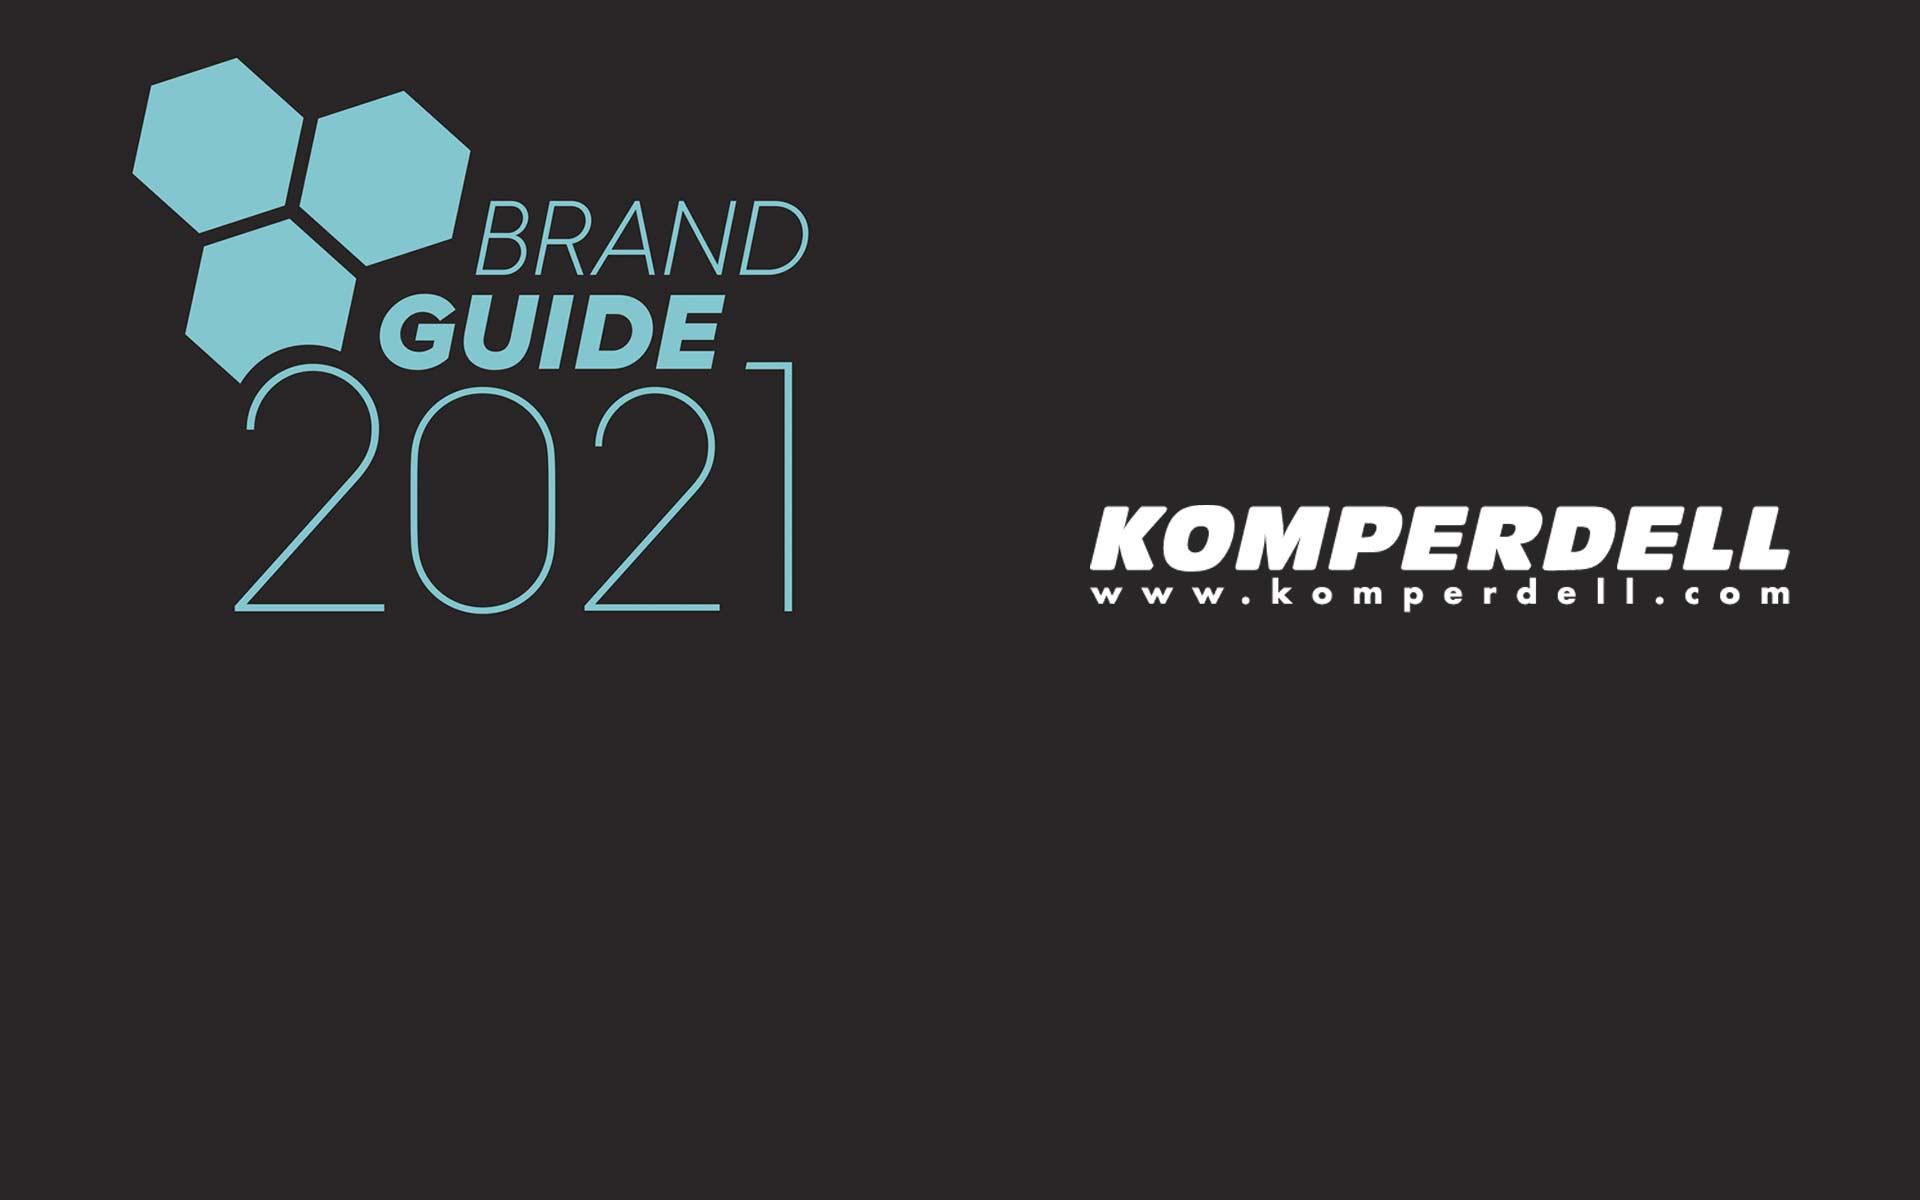 Komperdell: Traditionsmarke mit neuen Safety-Produkten für 2021